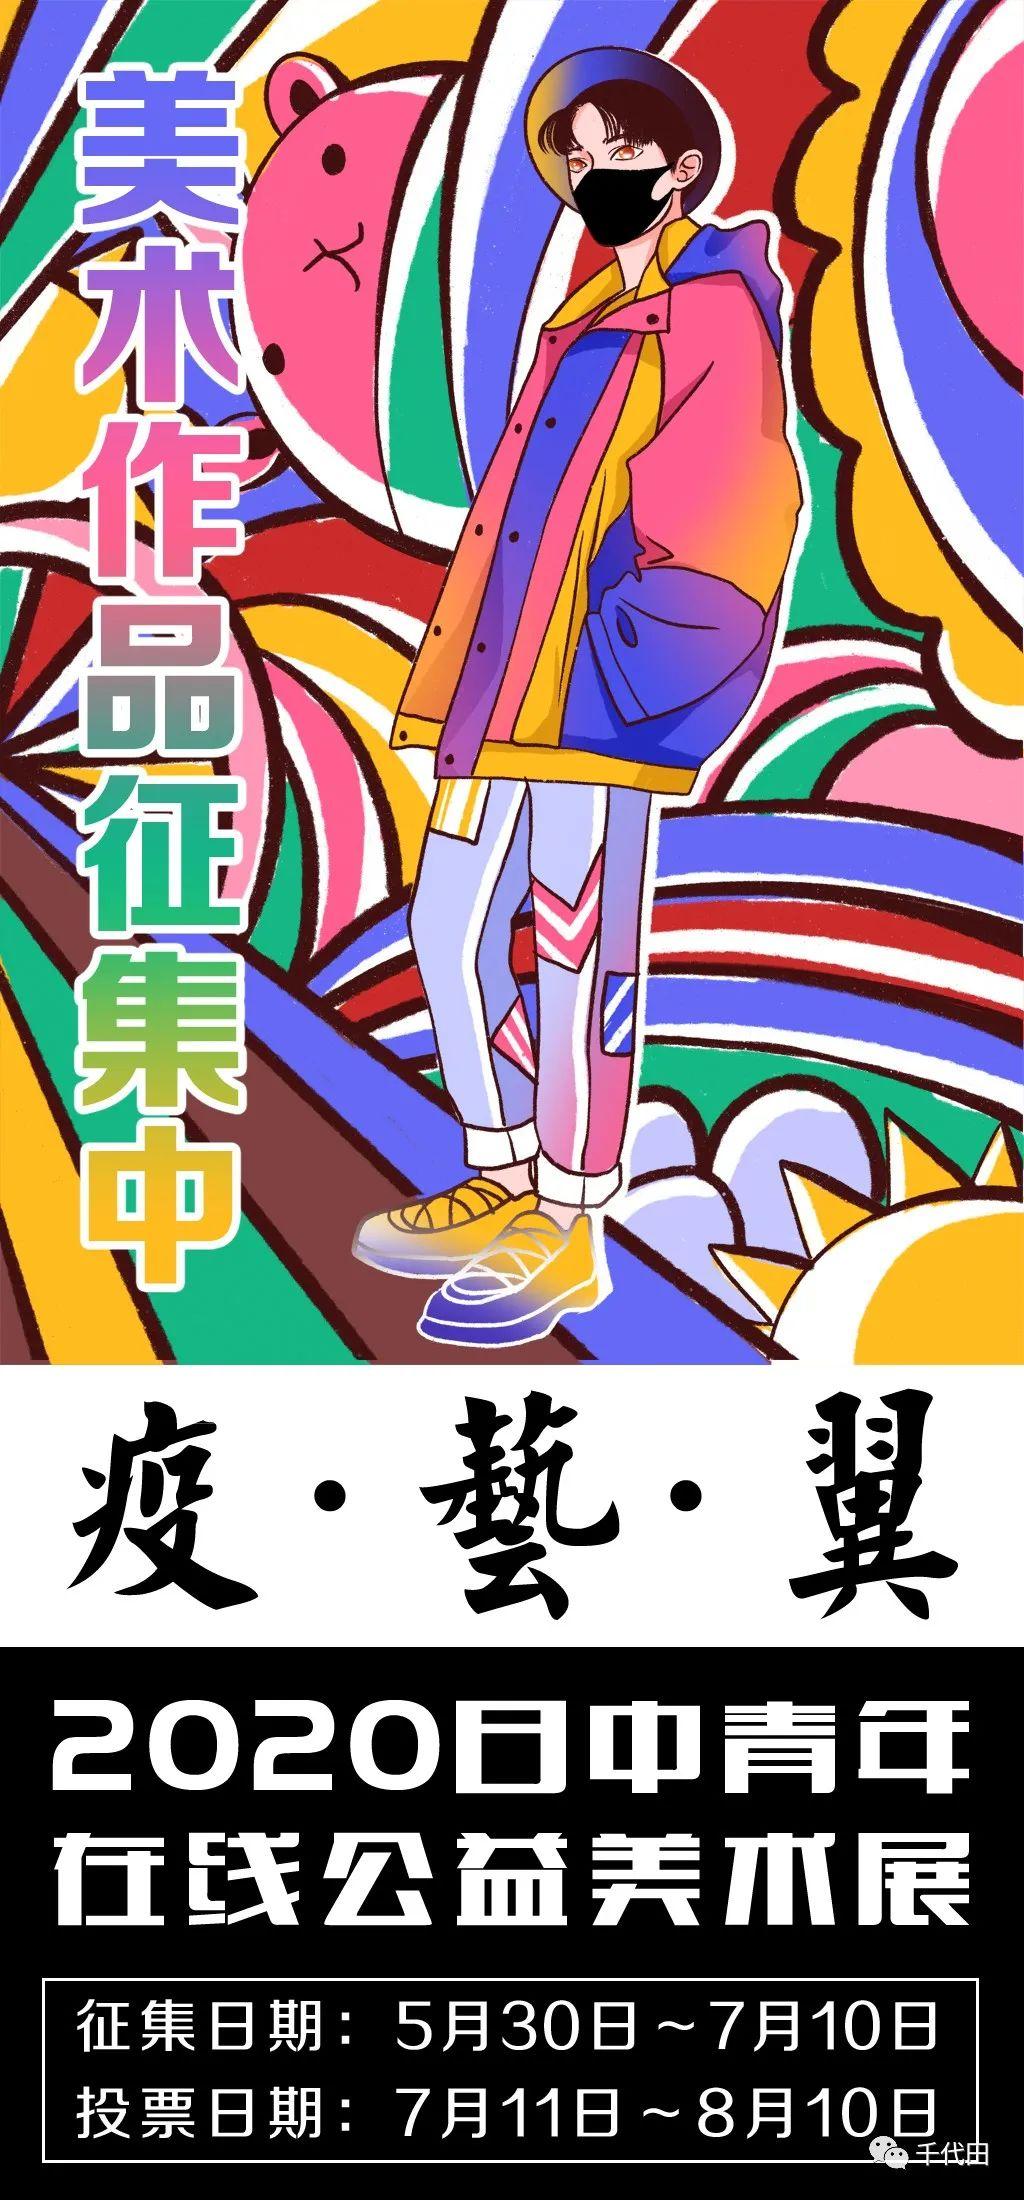 千代田新闻 疫·艺·翼 2020日中青年在线公益美术展 作品征集中!!!